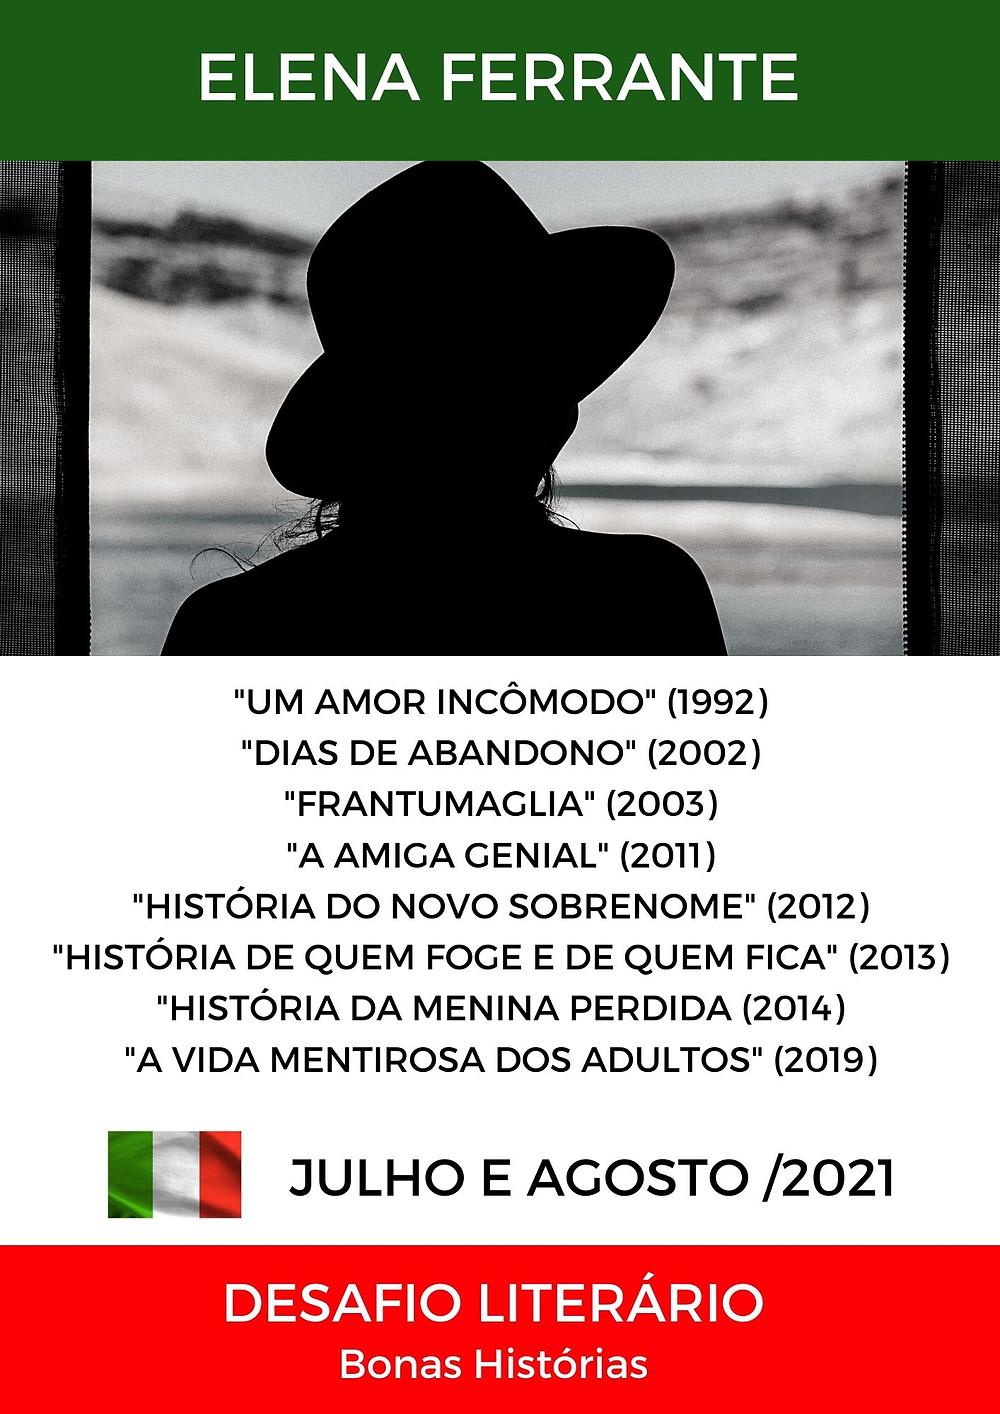 Análise Literária de Elena Ferrante